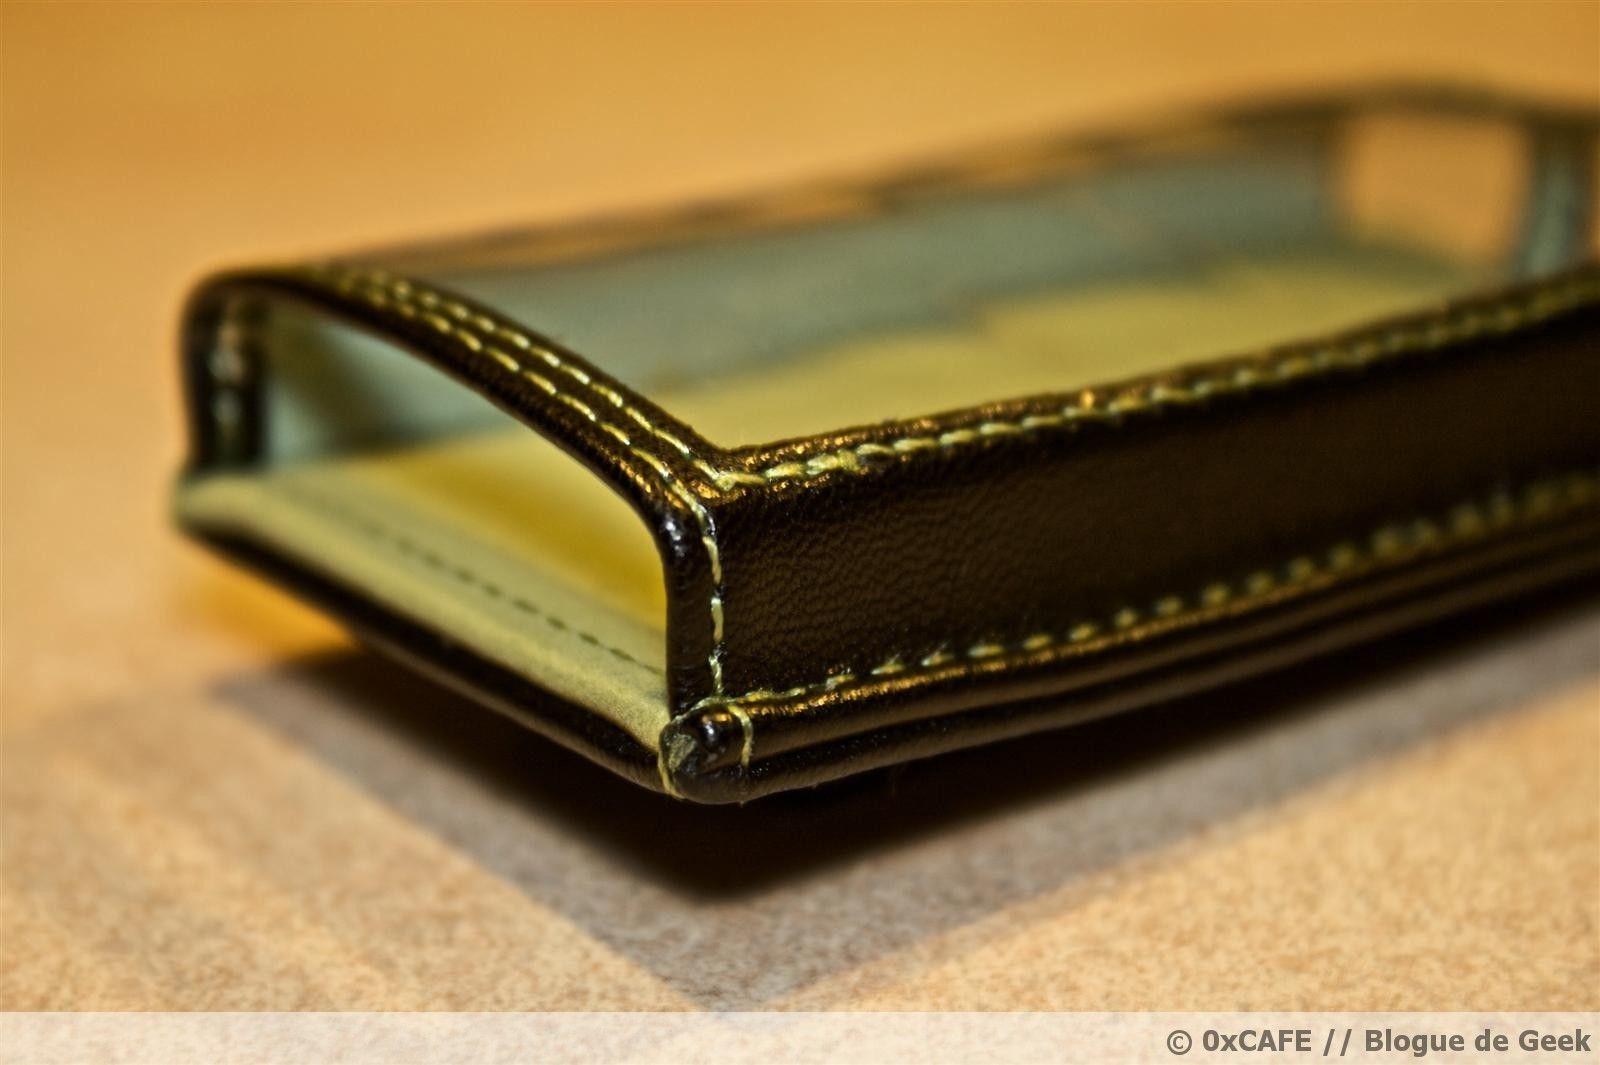 image 42 - [Évaluation] Étui de cuir HipCase de DLO pour le Zune 8Go